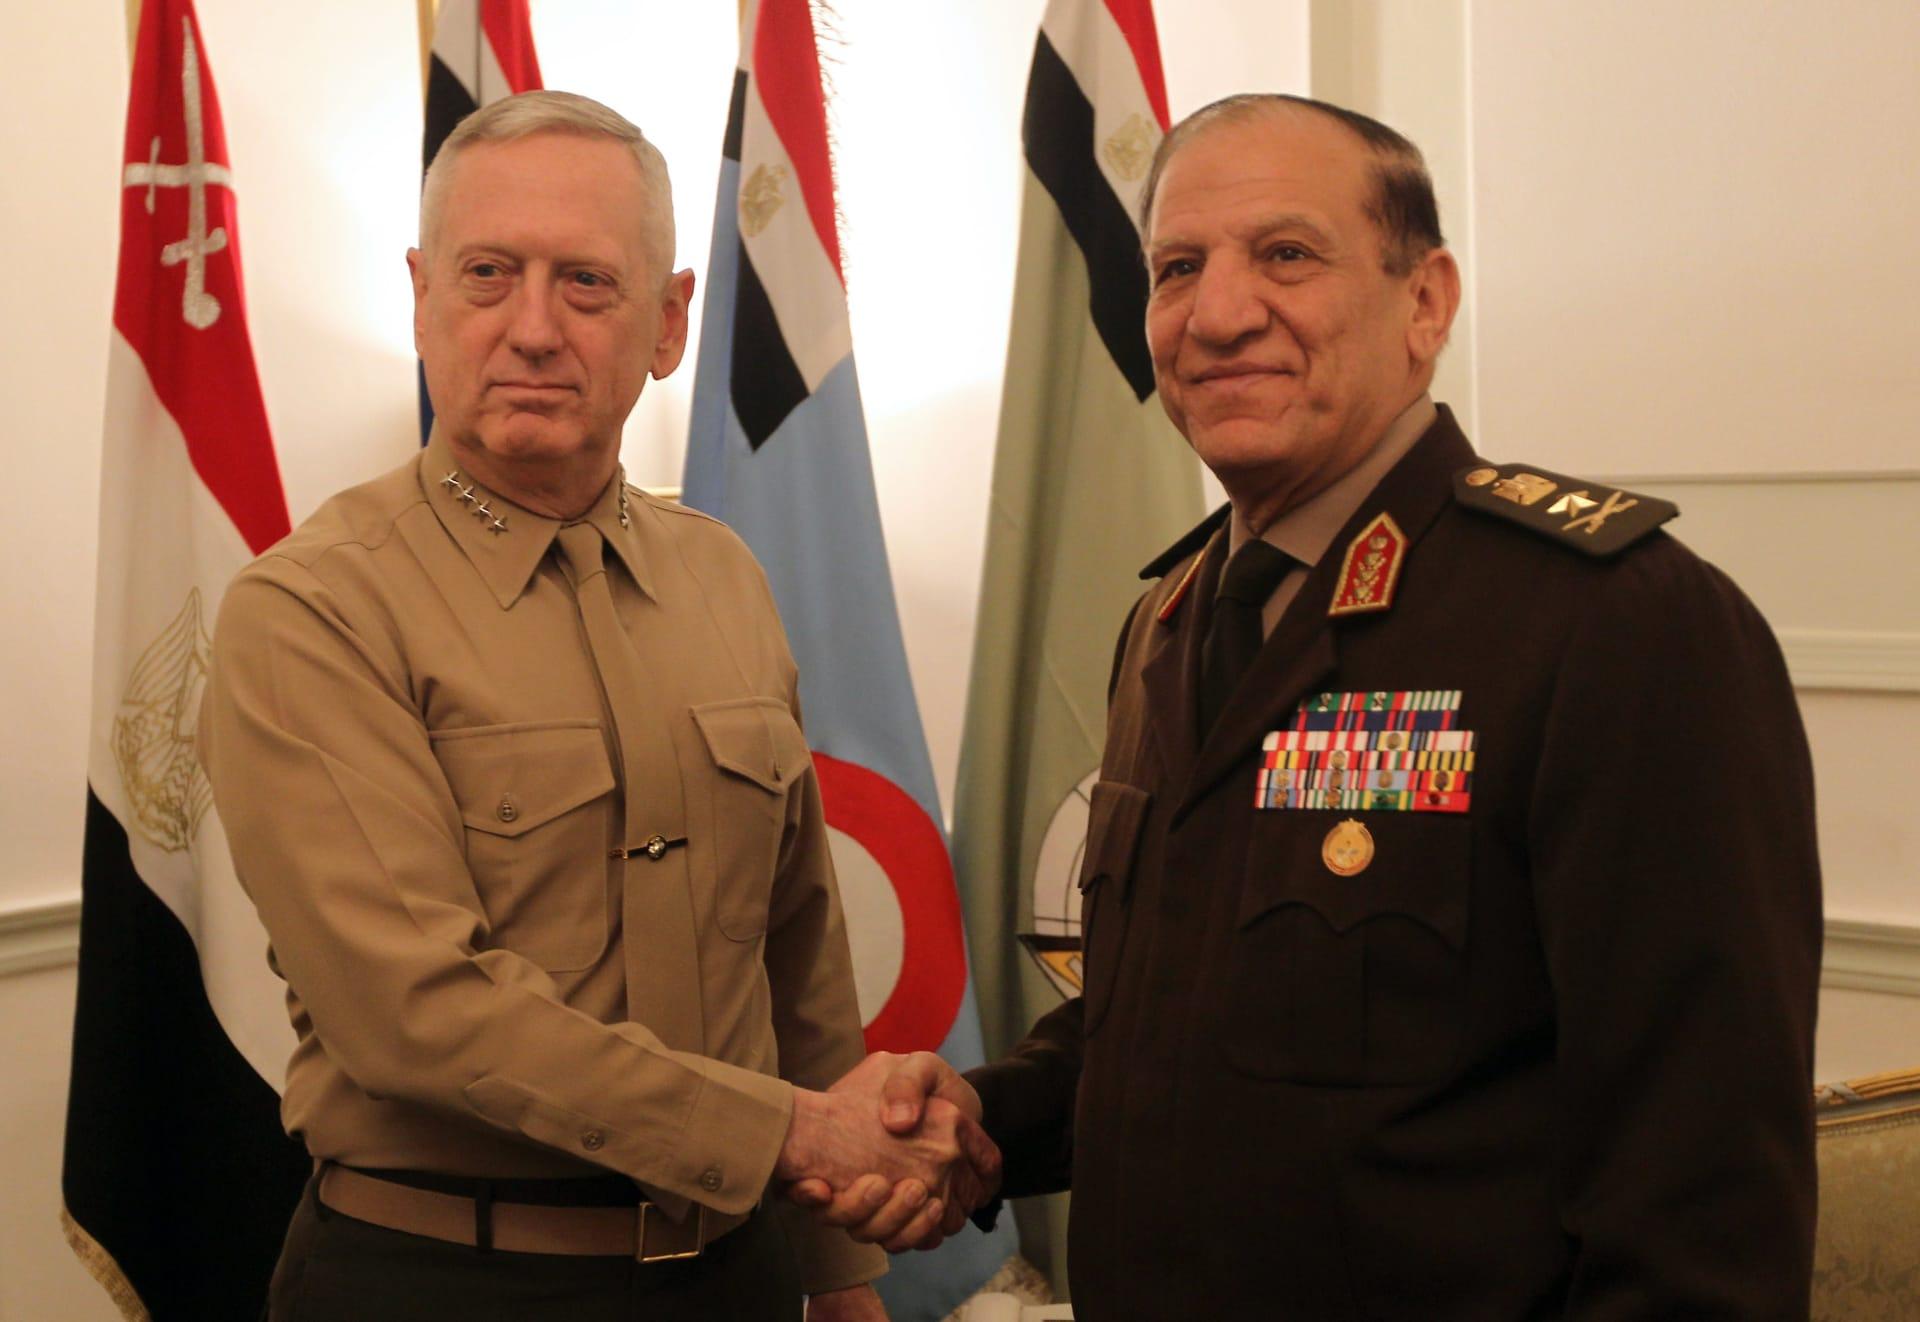 الجيش المصري يستدعي الفريق عنان للتحقيق بعد ترشحه للرئاسة